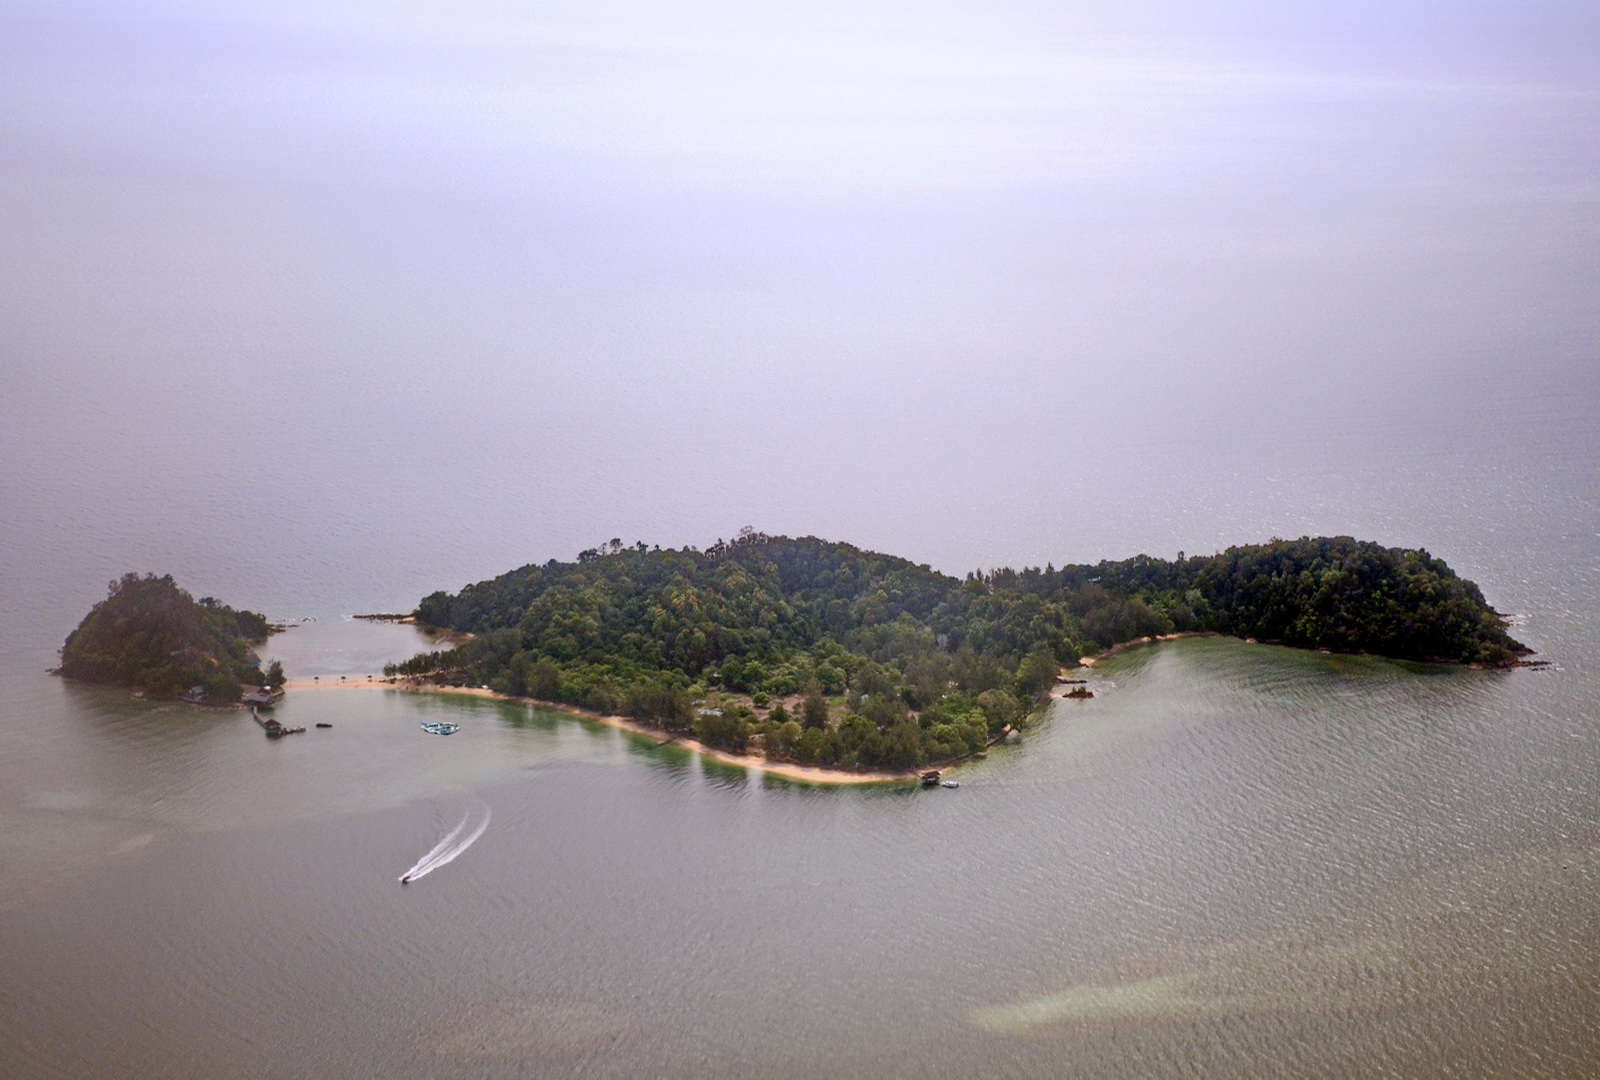 Malaysia, Borneo, Dinawan island